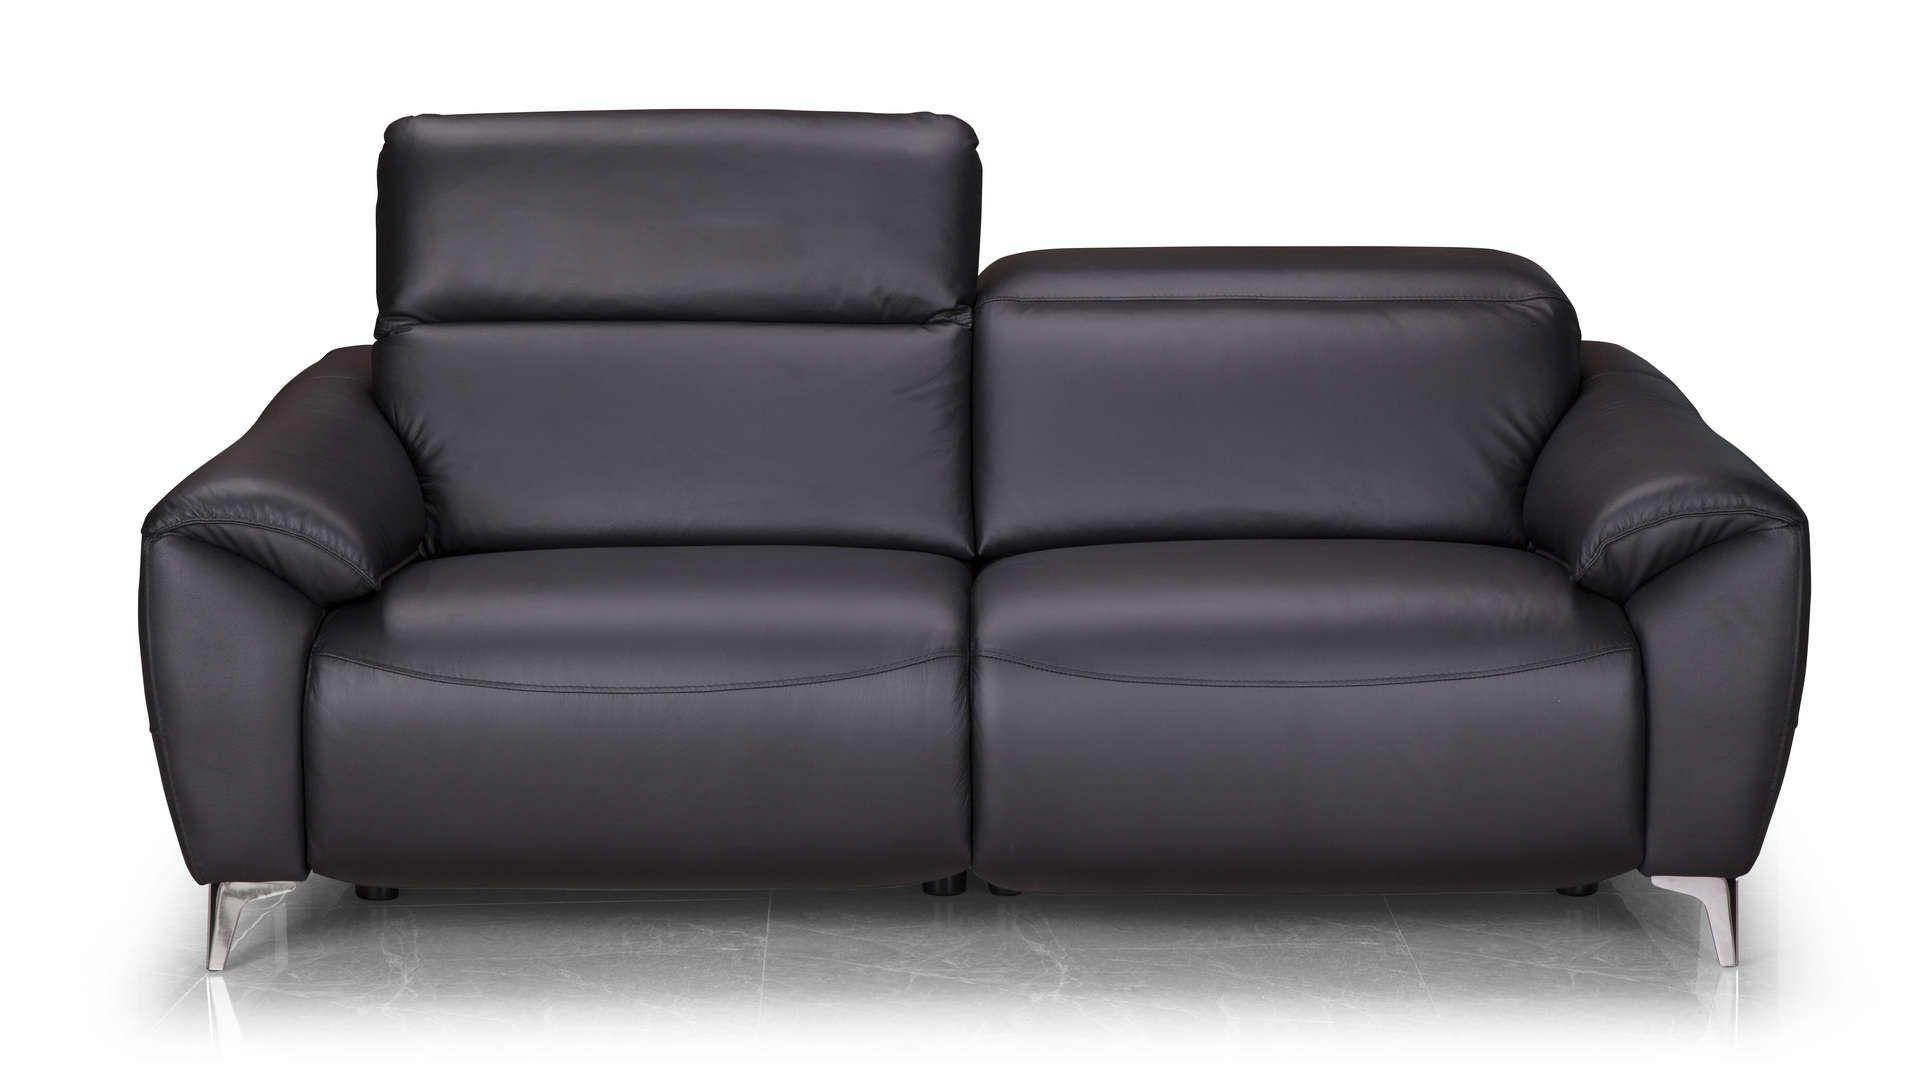 Canape Relaxation Electrique 3 Places En Cuir Bristol Coloris Noir Canape Canape Relax Canape Droit